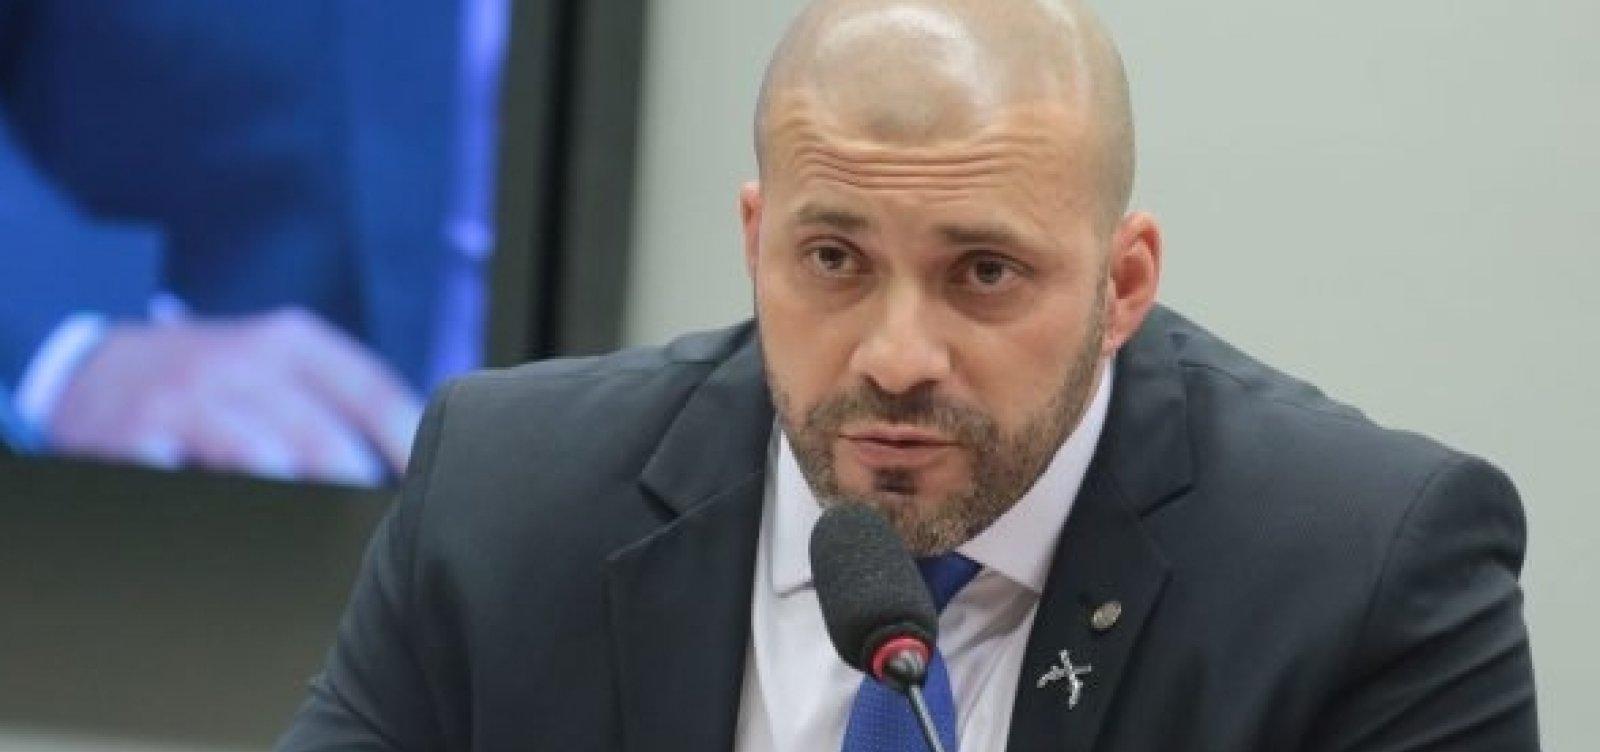 Deputado bolsonarista é preso pela PF após postar vídeo com discurso de ódio contra ministros do STF